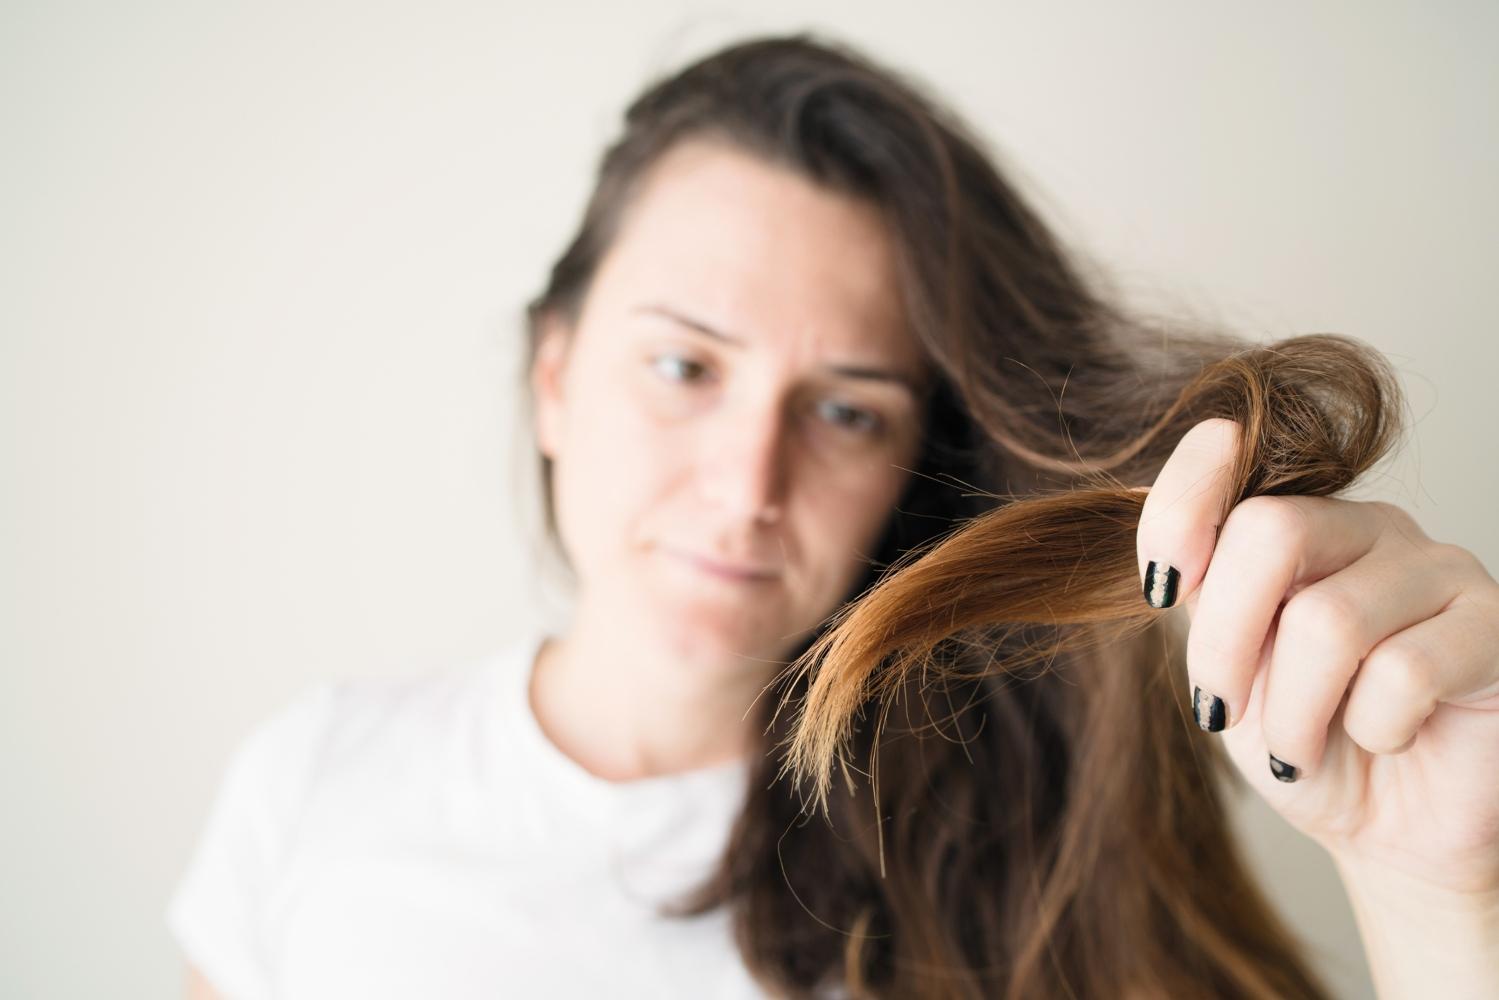 Mulher com cabelo estragado